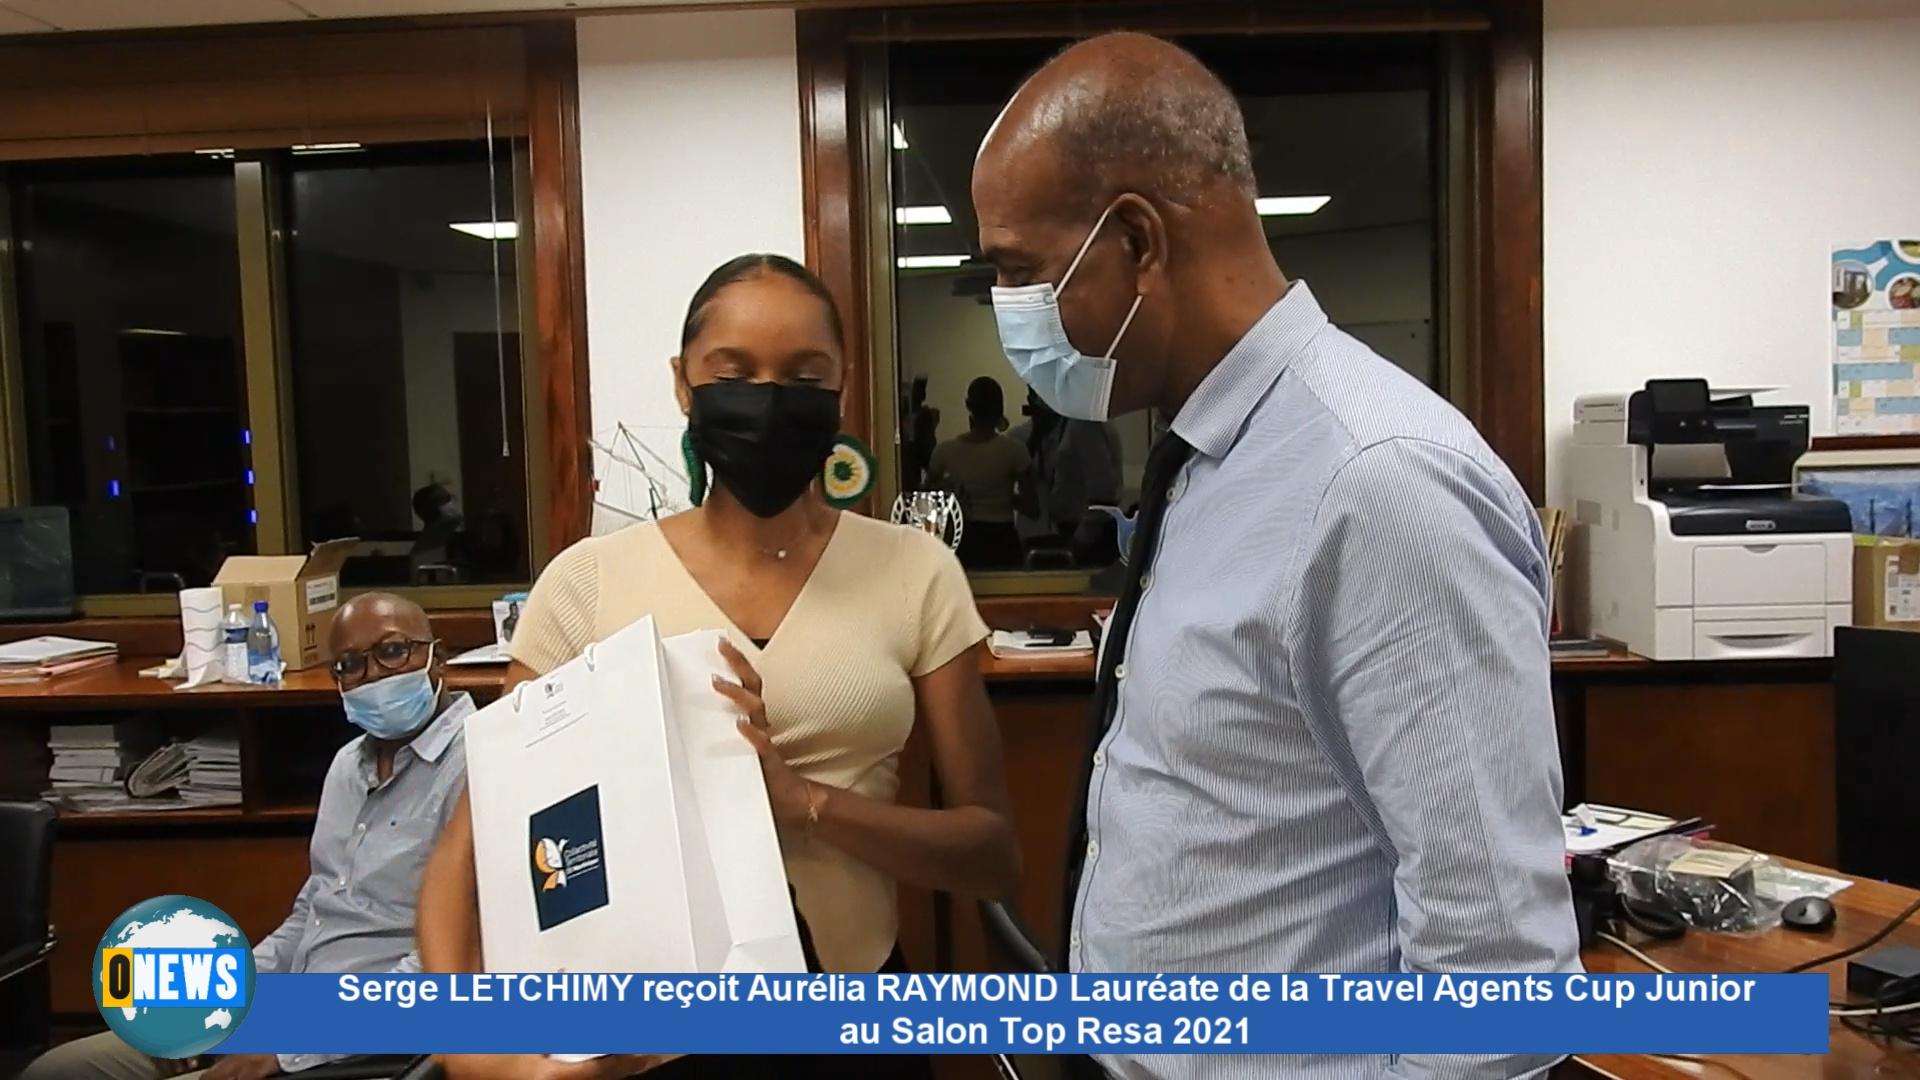 [Vidéo] Martinique. Serge LETCHIMY Président du Conseil exécutif de la CTM   reçoit Aurélia RAYMOND Lauréate de la Travel Agents Cup Junior au Salon Top Resa 2021